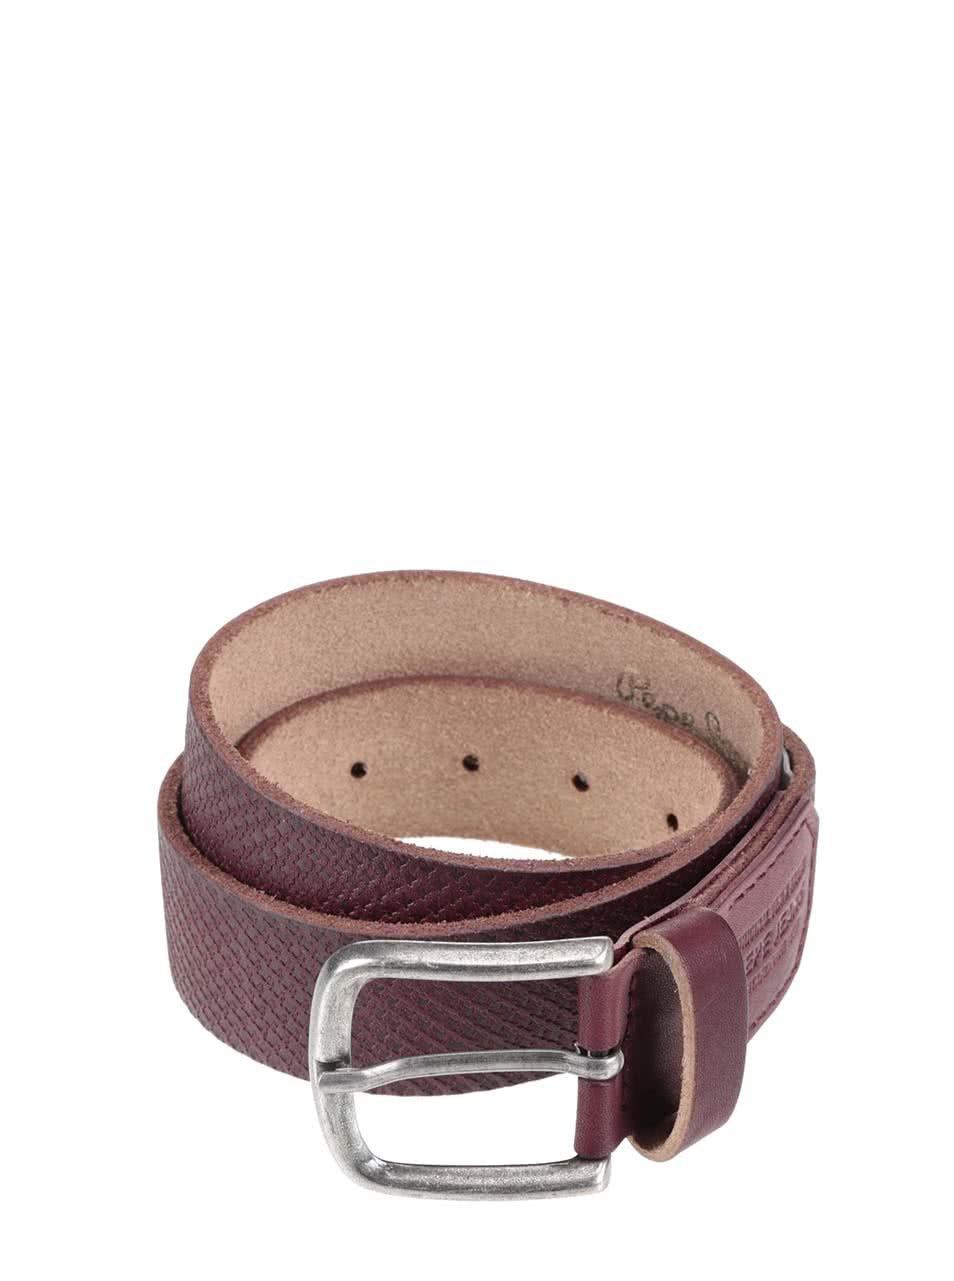 Hnědý pánský kožený pásek se vzorem Pepe Jeans Massy ... 916a6ef1e6